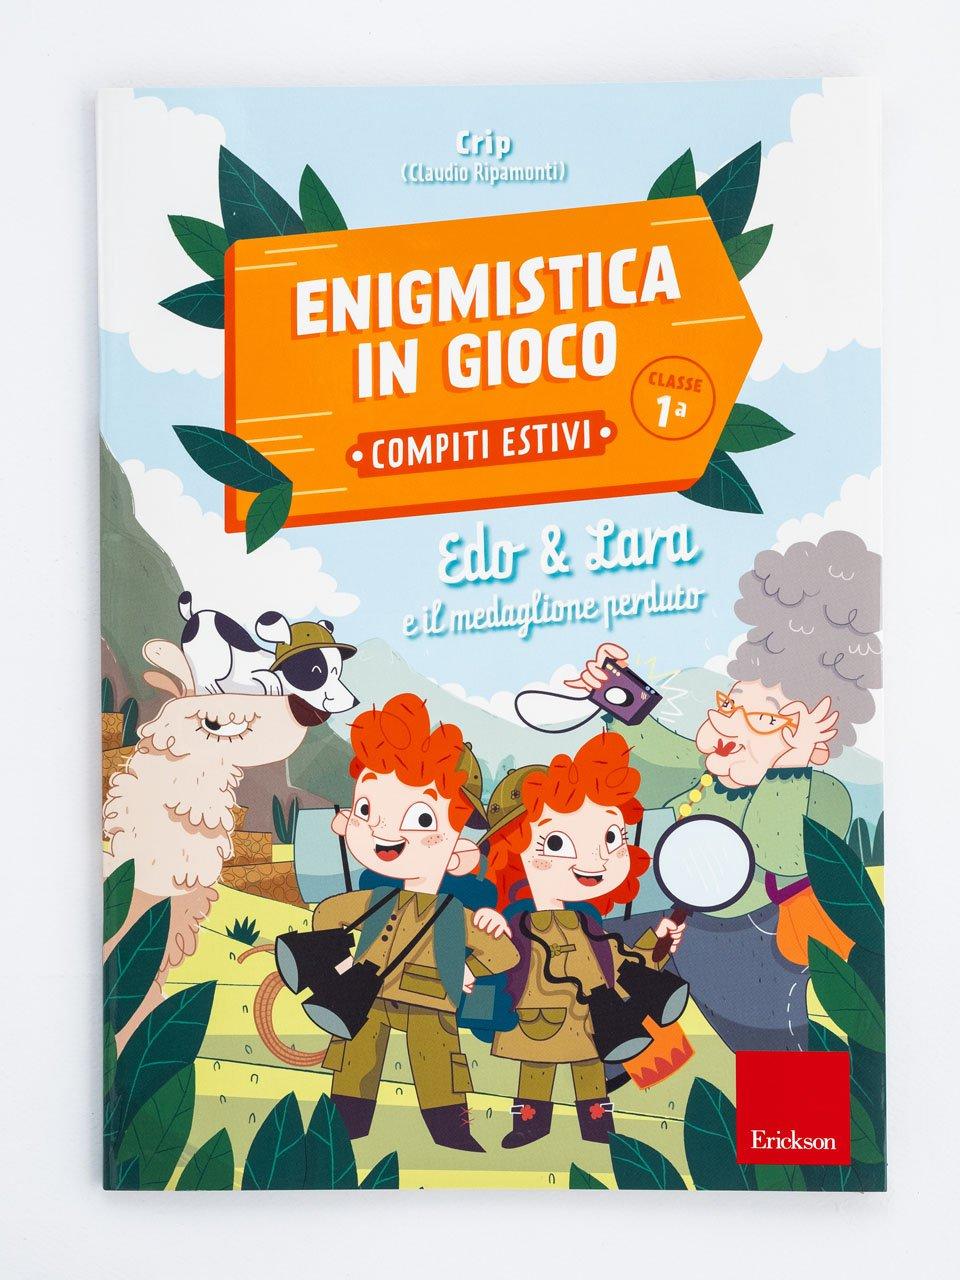 Enigmistica in gioco -  Compiti estivi - Classe prima - Le proposte Erickson per i compiti-delle-vacanze - Erickson